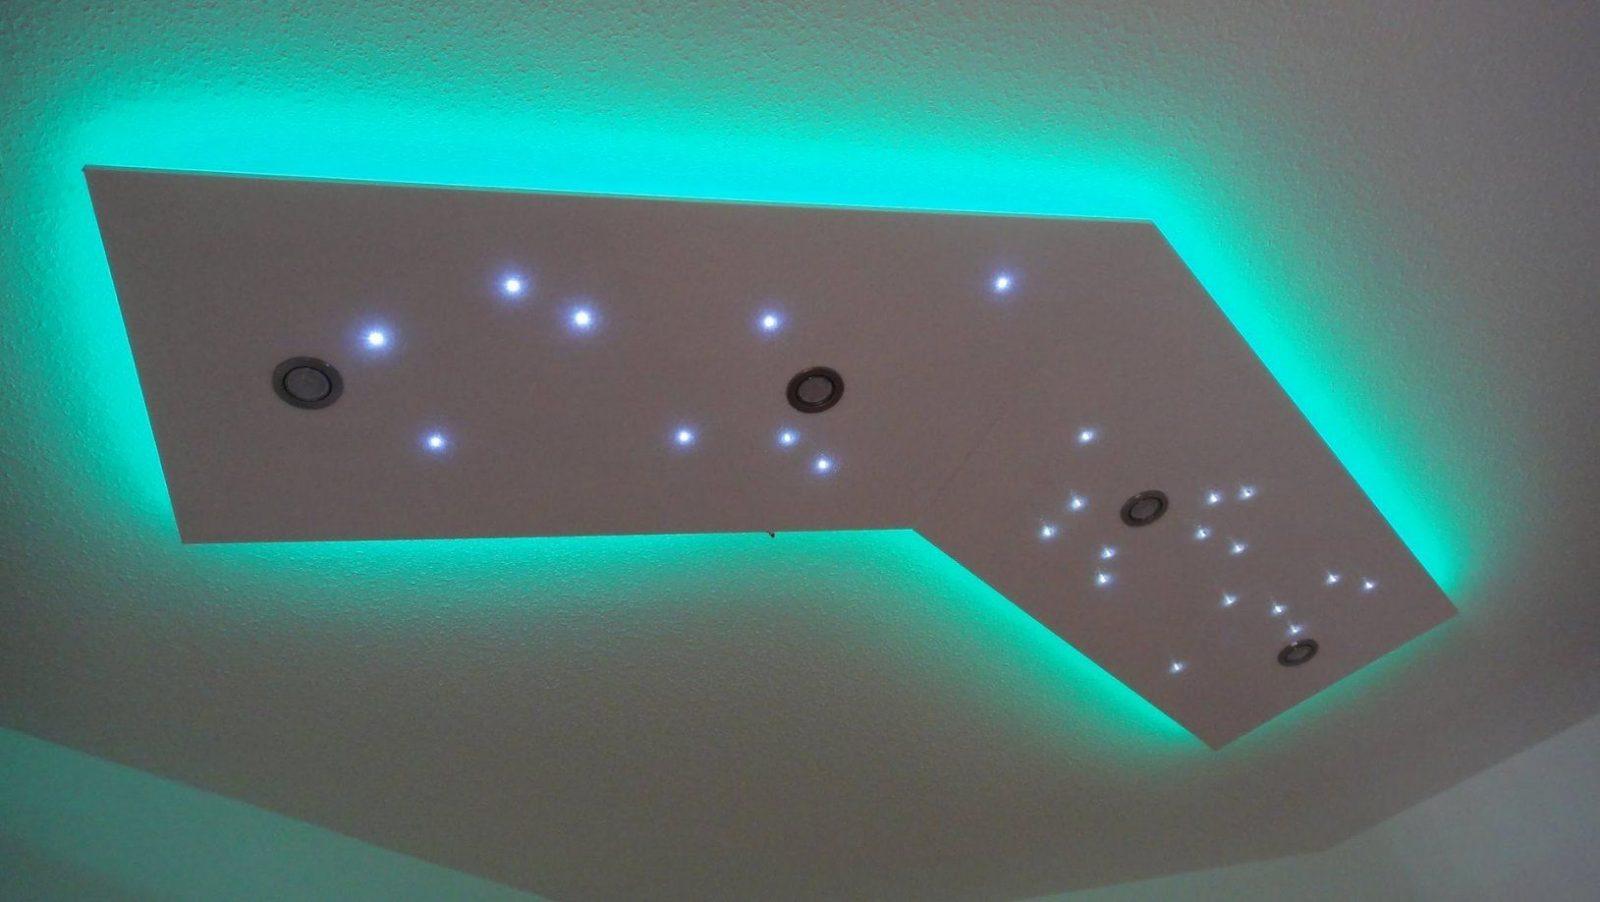 Deckenleuchte Selber Bauen  Direktes Und Indirektes Led Licht  Youtube von Led Lichtdecke Selber Bauen Bild